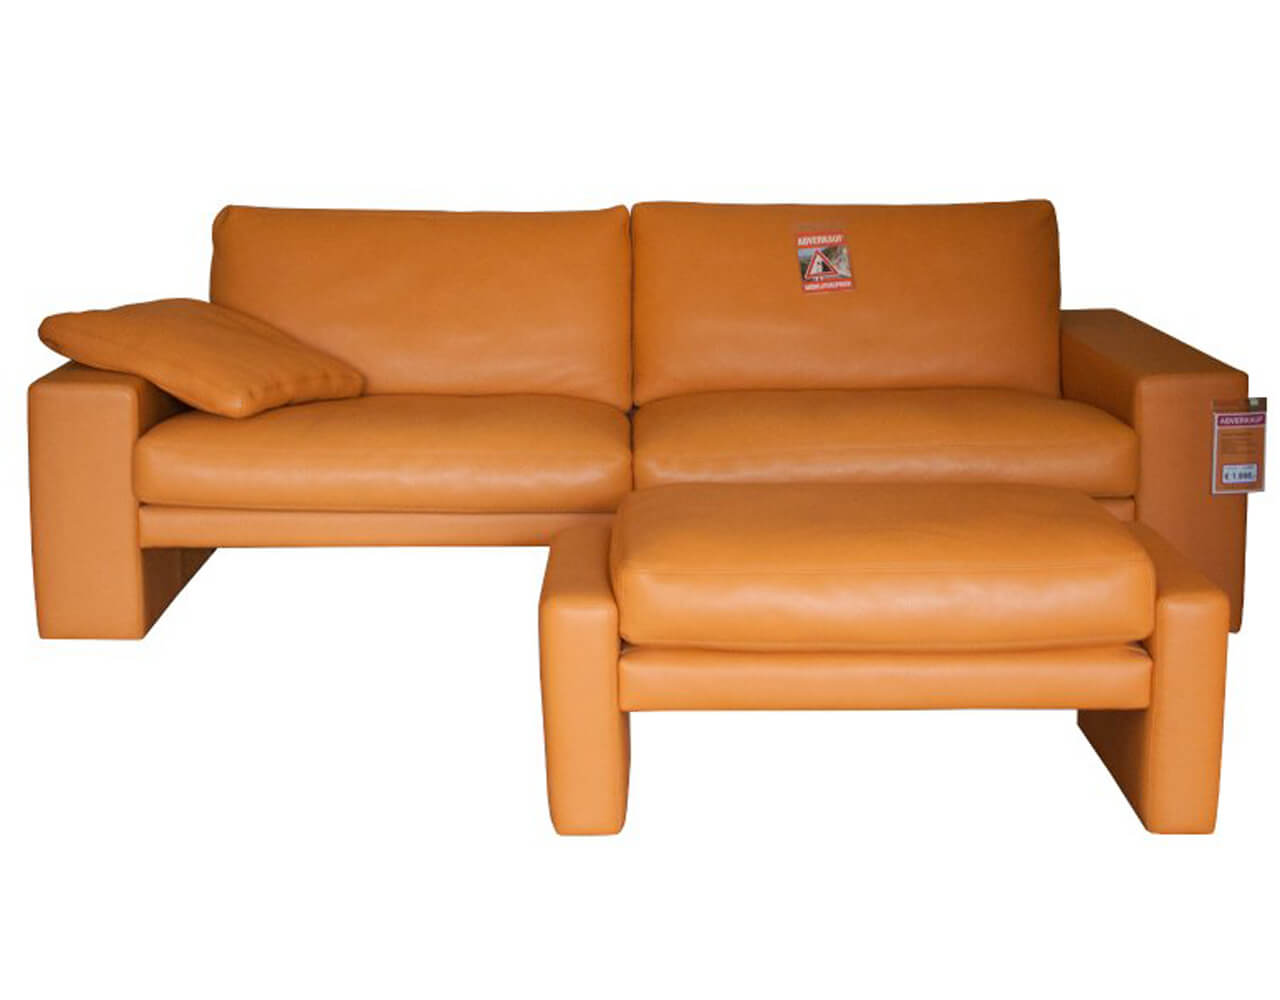 3-Sitzer Sofa mit Hocker in Leder cognac zum Schnäppchenpreis im Abverkauf